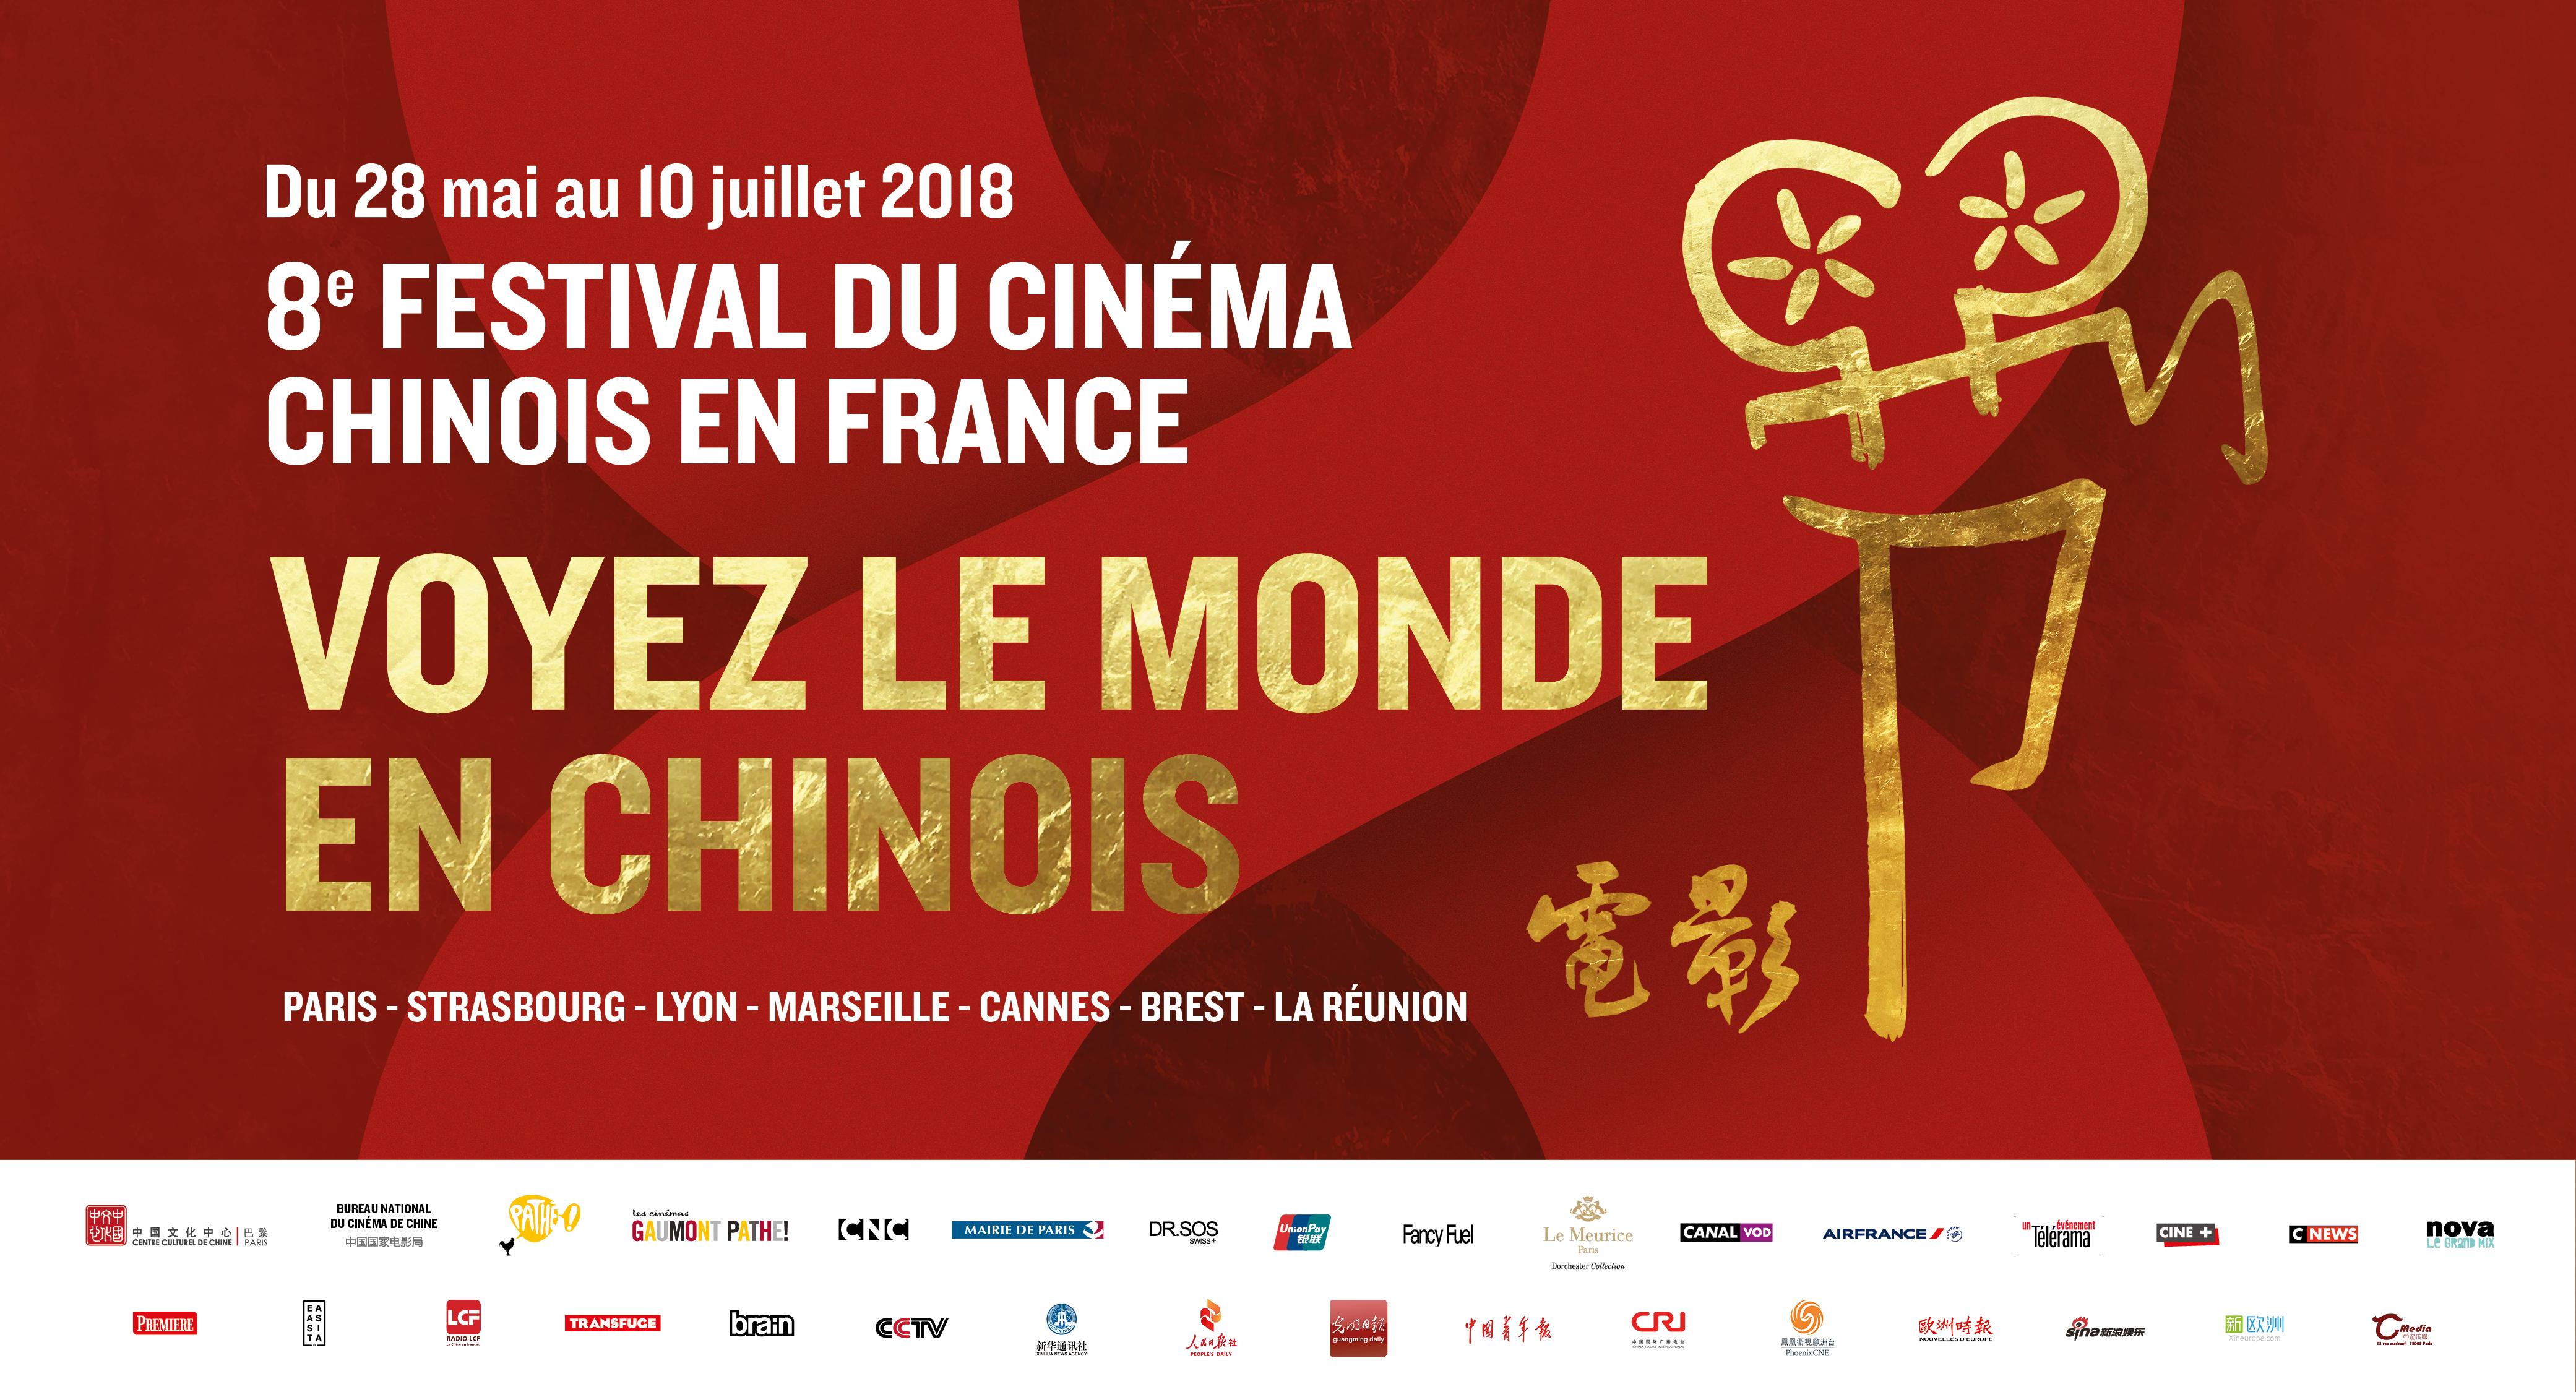 _fccf_affiche_du_festival_horizontal_0.jpg